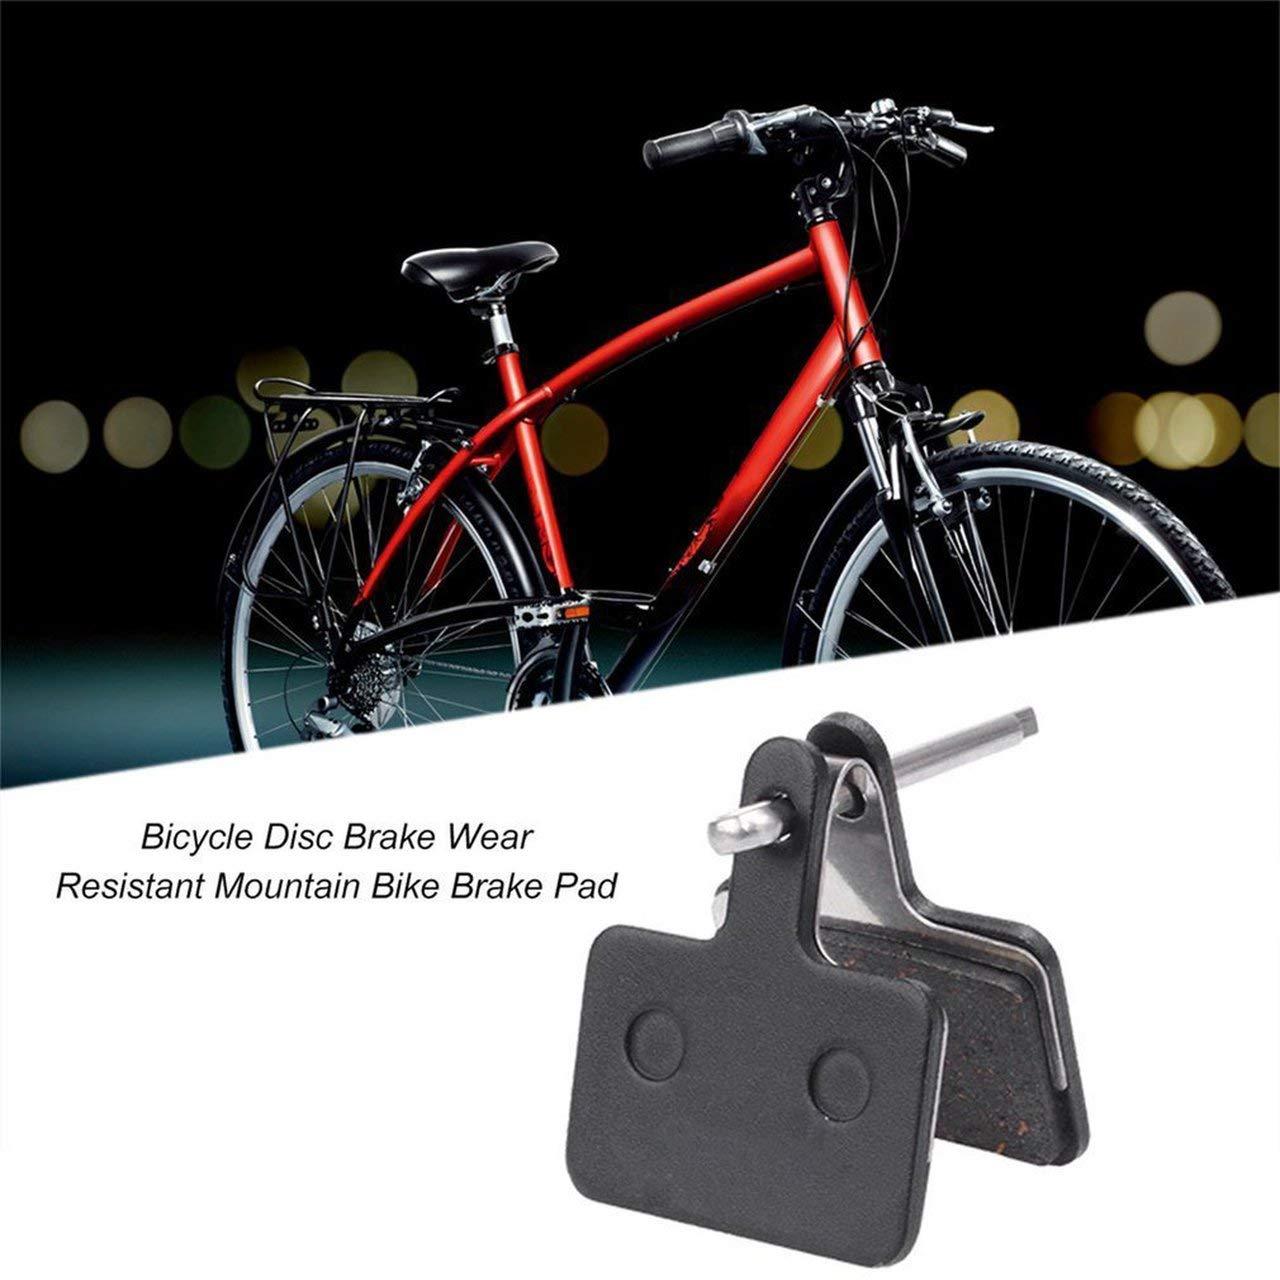 M415 ITjasnyfall Jasnyfall Pastiglia Freno per Bici da Mountain Bike Resistente allUsura a Basso Rumore Adatta per Shimano M355 Nero